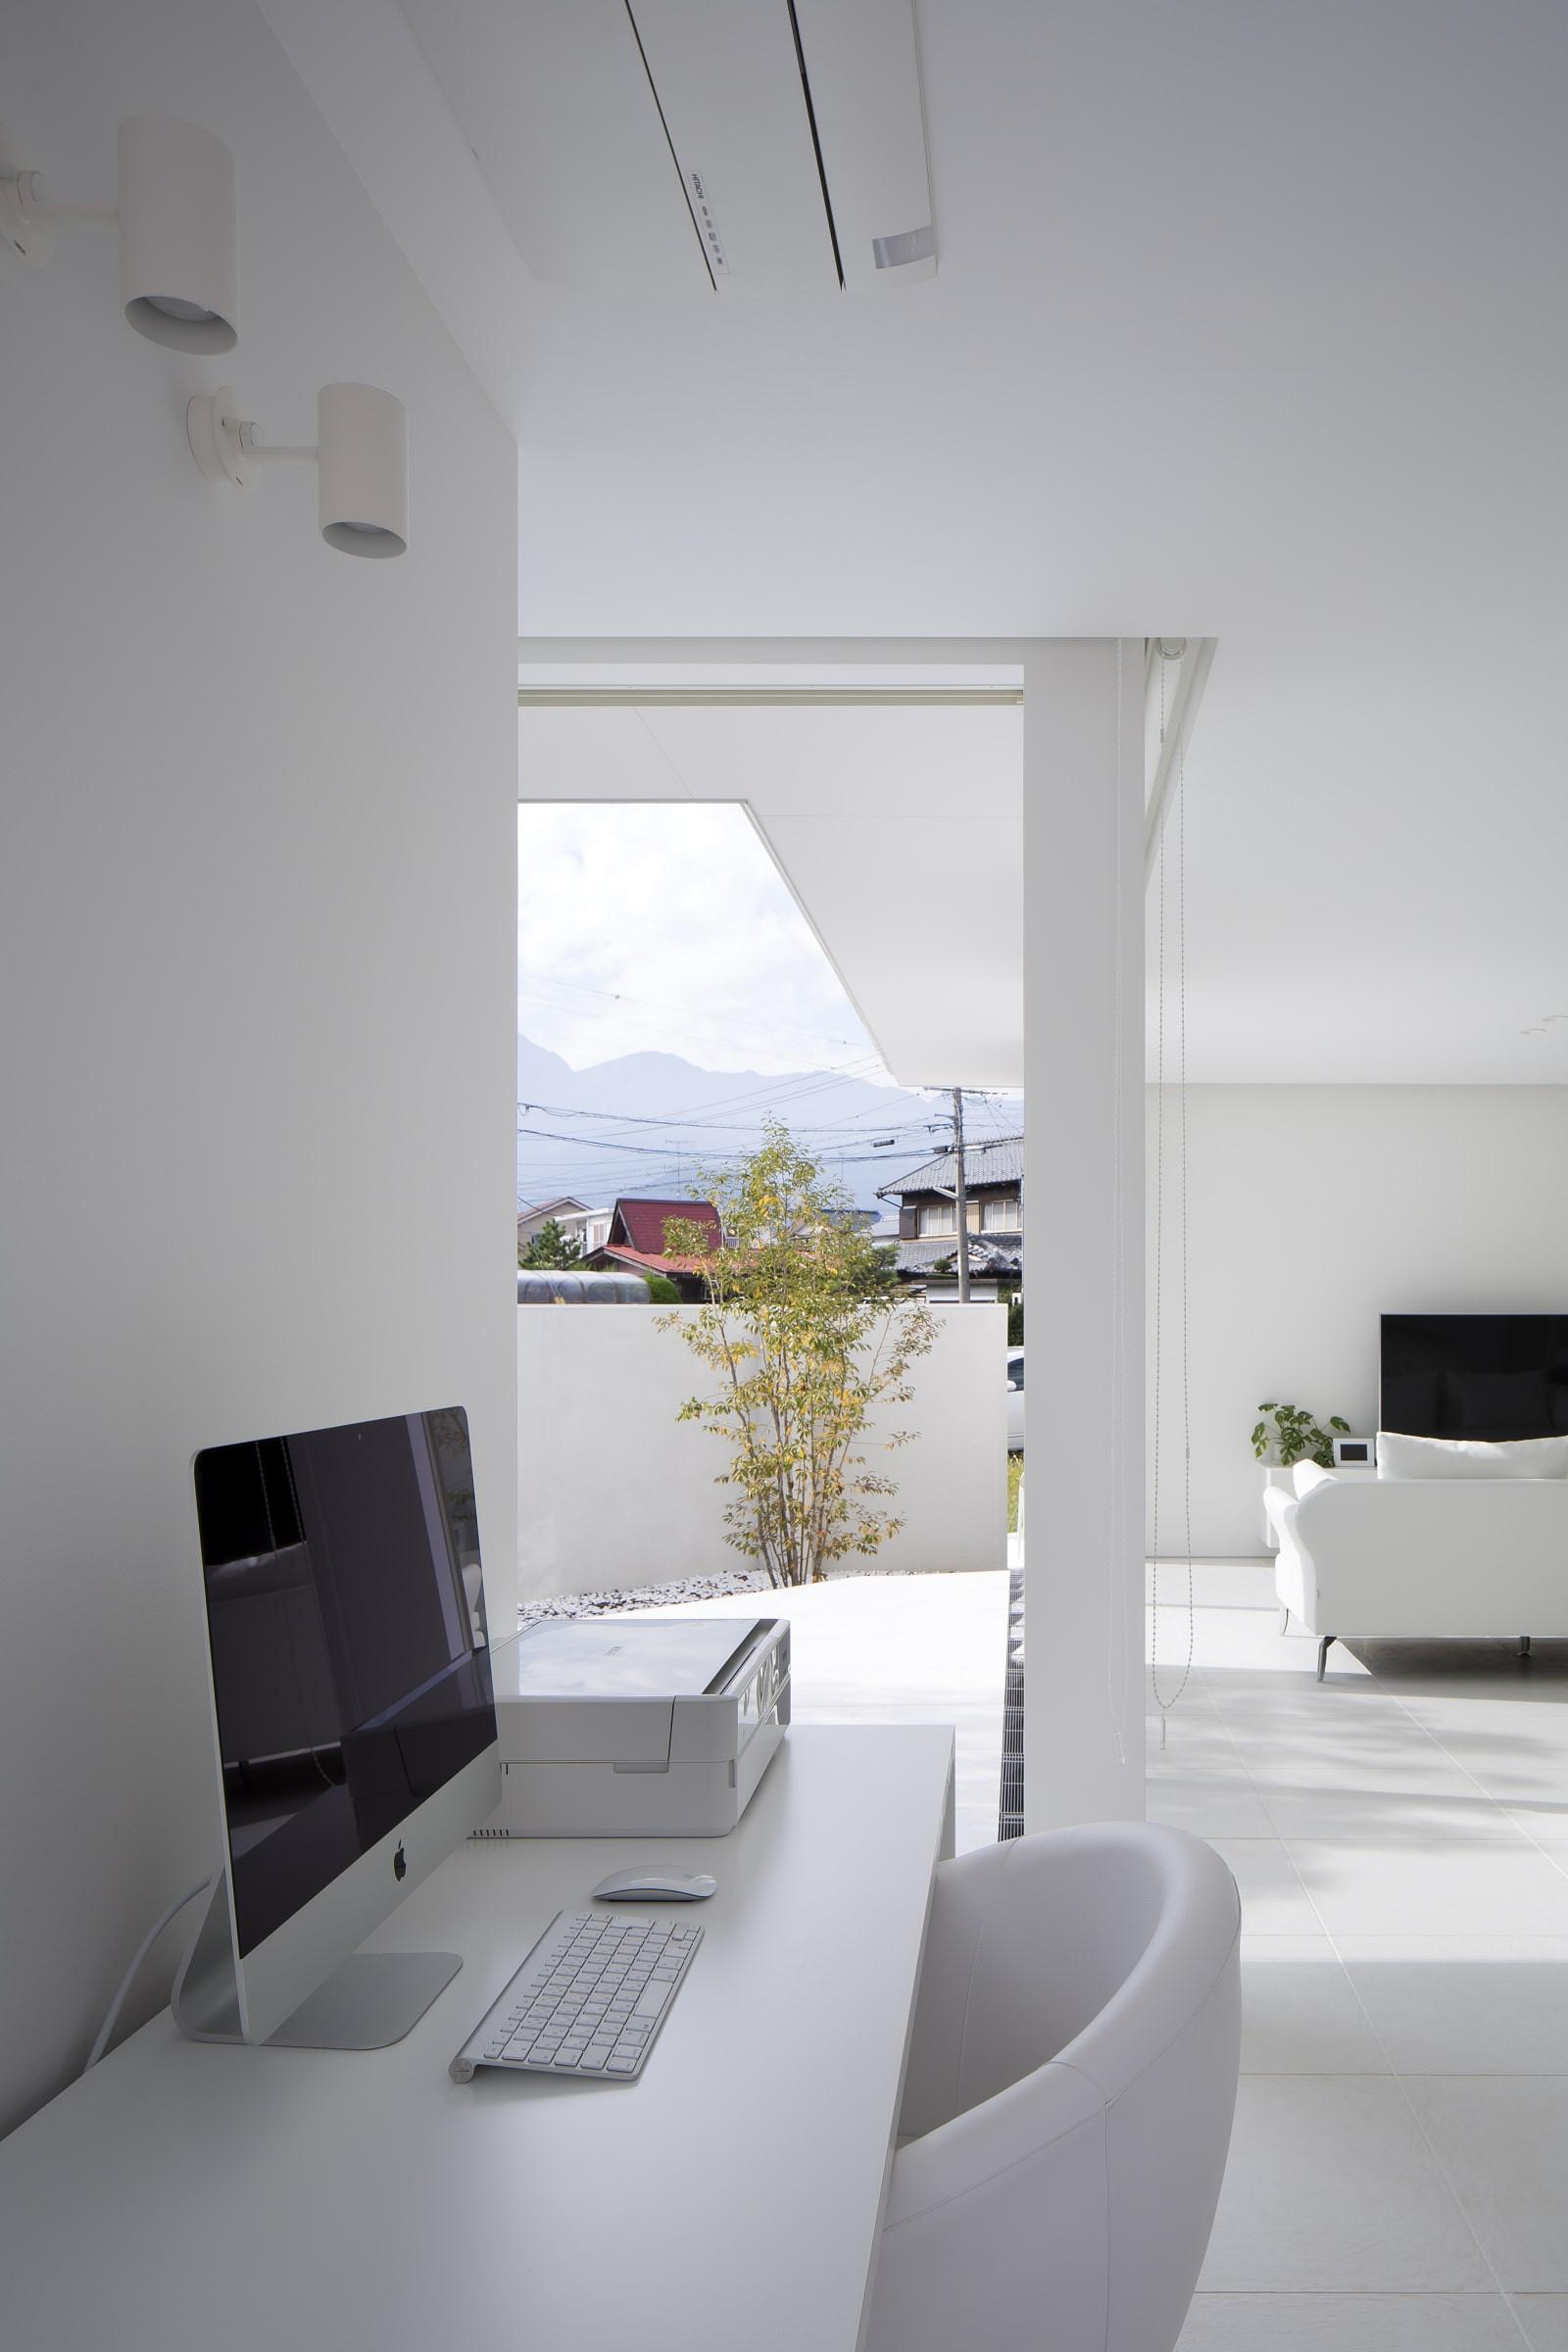 plus-atelier-architect-office_2400_09.jp